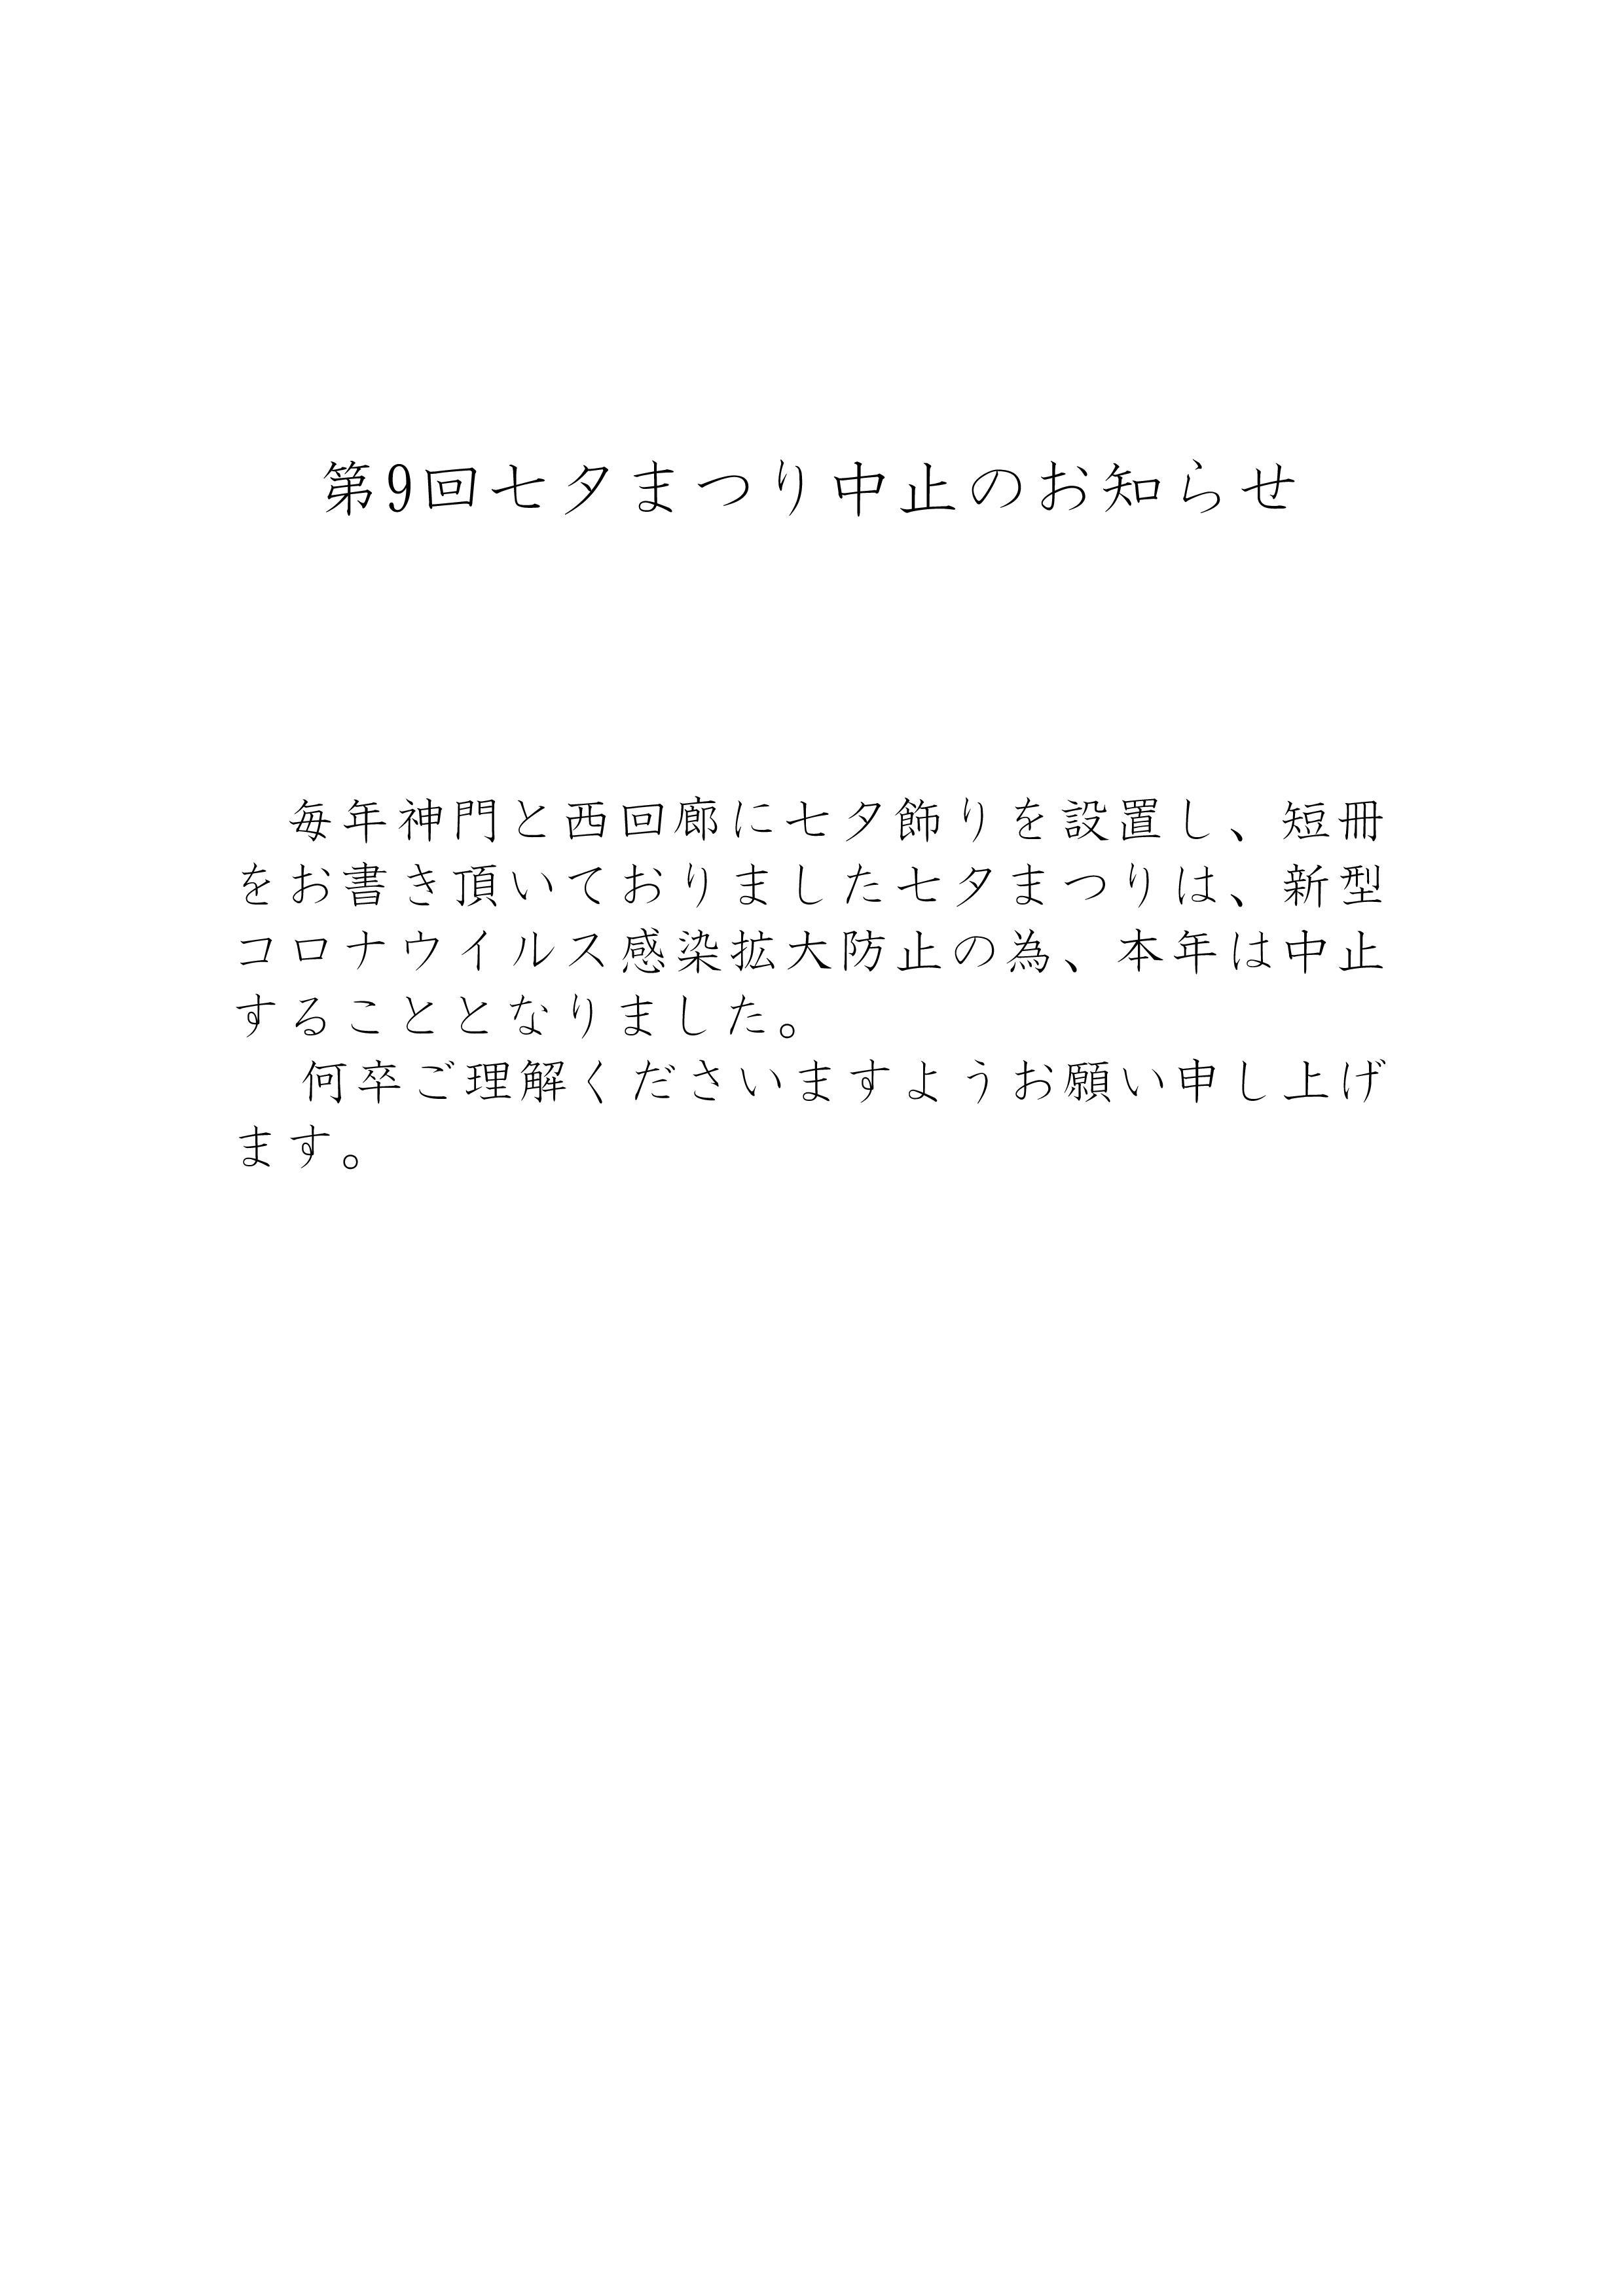 神宮 2020 焼き 北海道 どんど 札幌どんど焼き2021!はじめてガイド!どんど焼きとは?由来・歴史は?